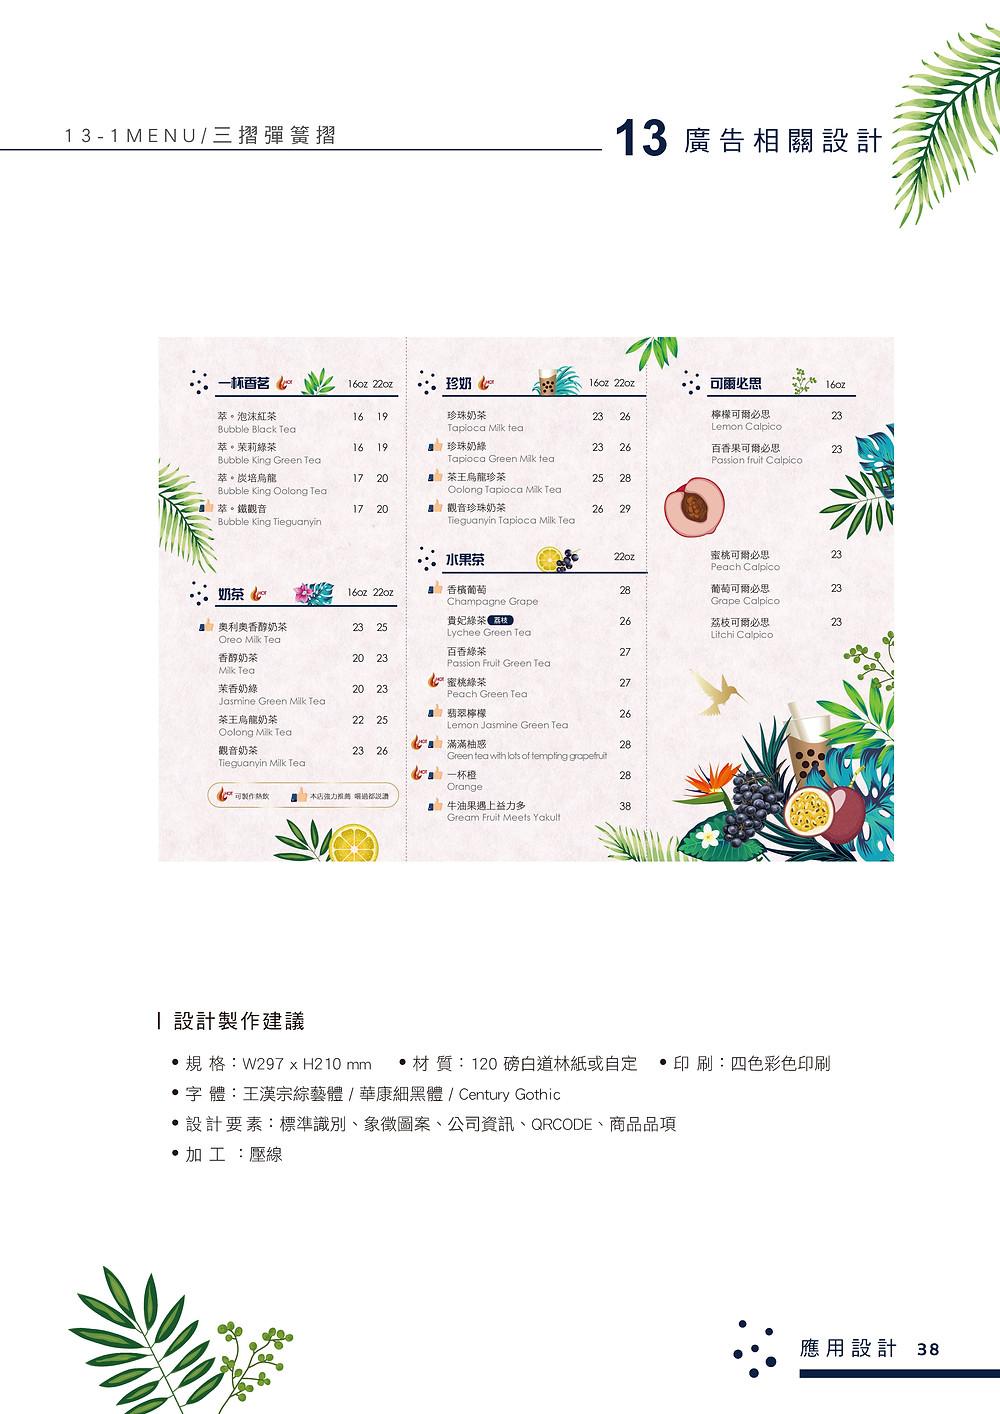 萃萃泡沫茶坊 品牌識別系統手冊 菜單